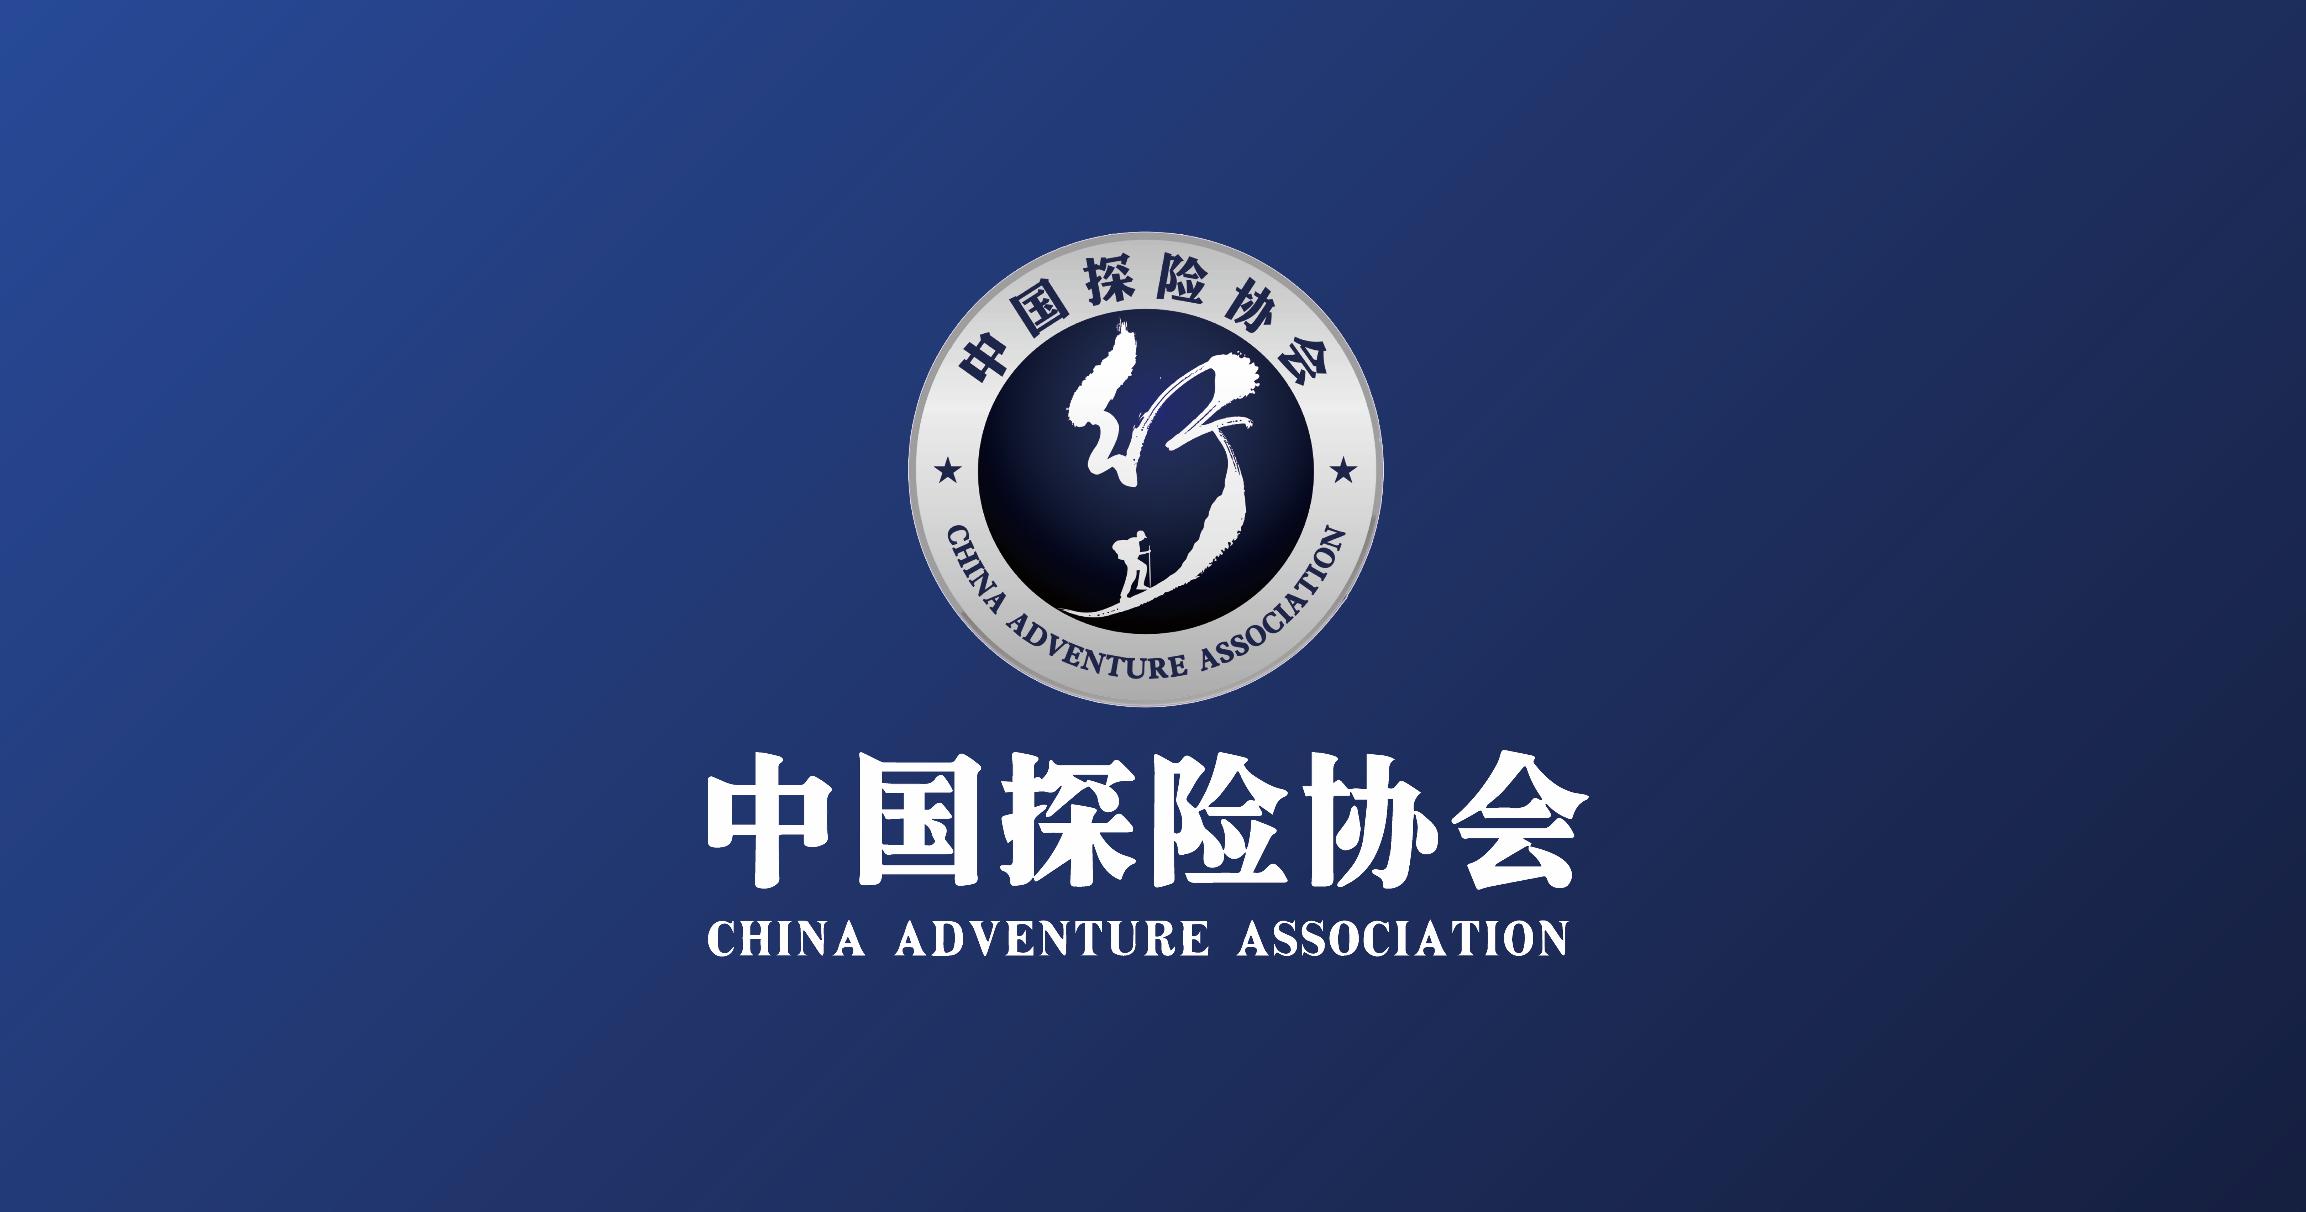 订阅号《中国探险协会》正式更名《探索纪》